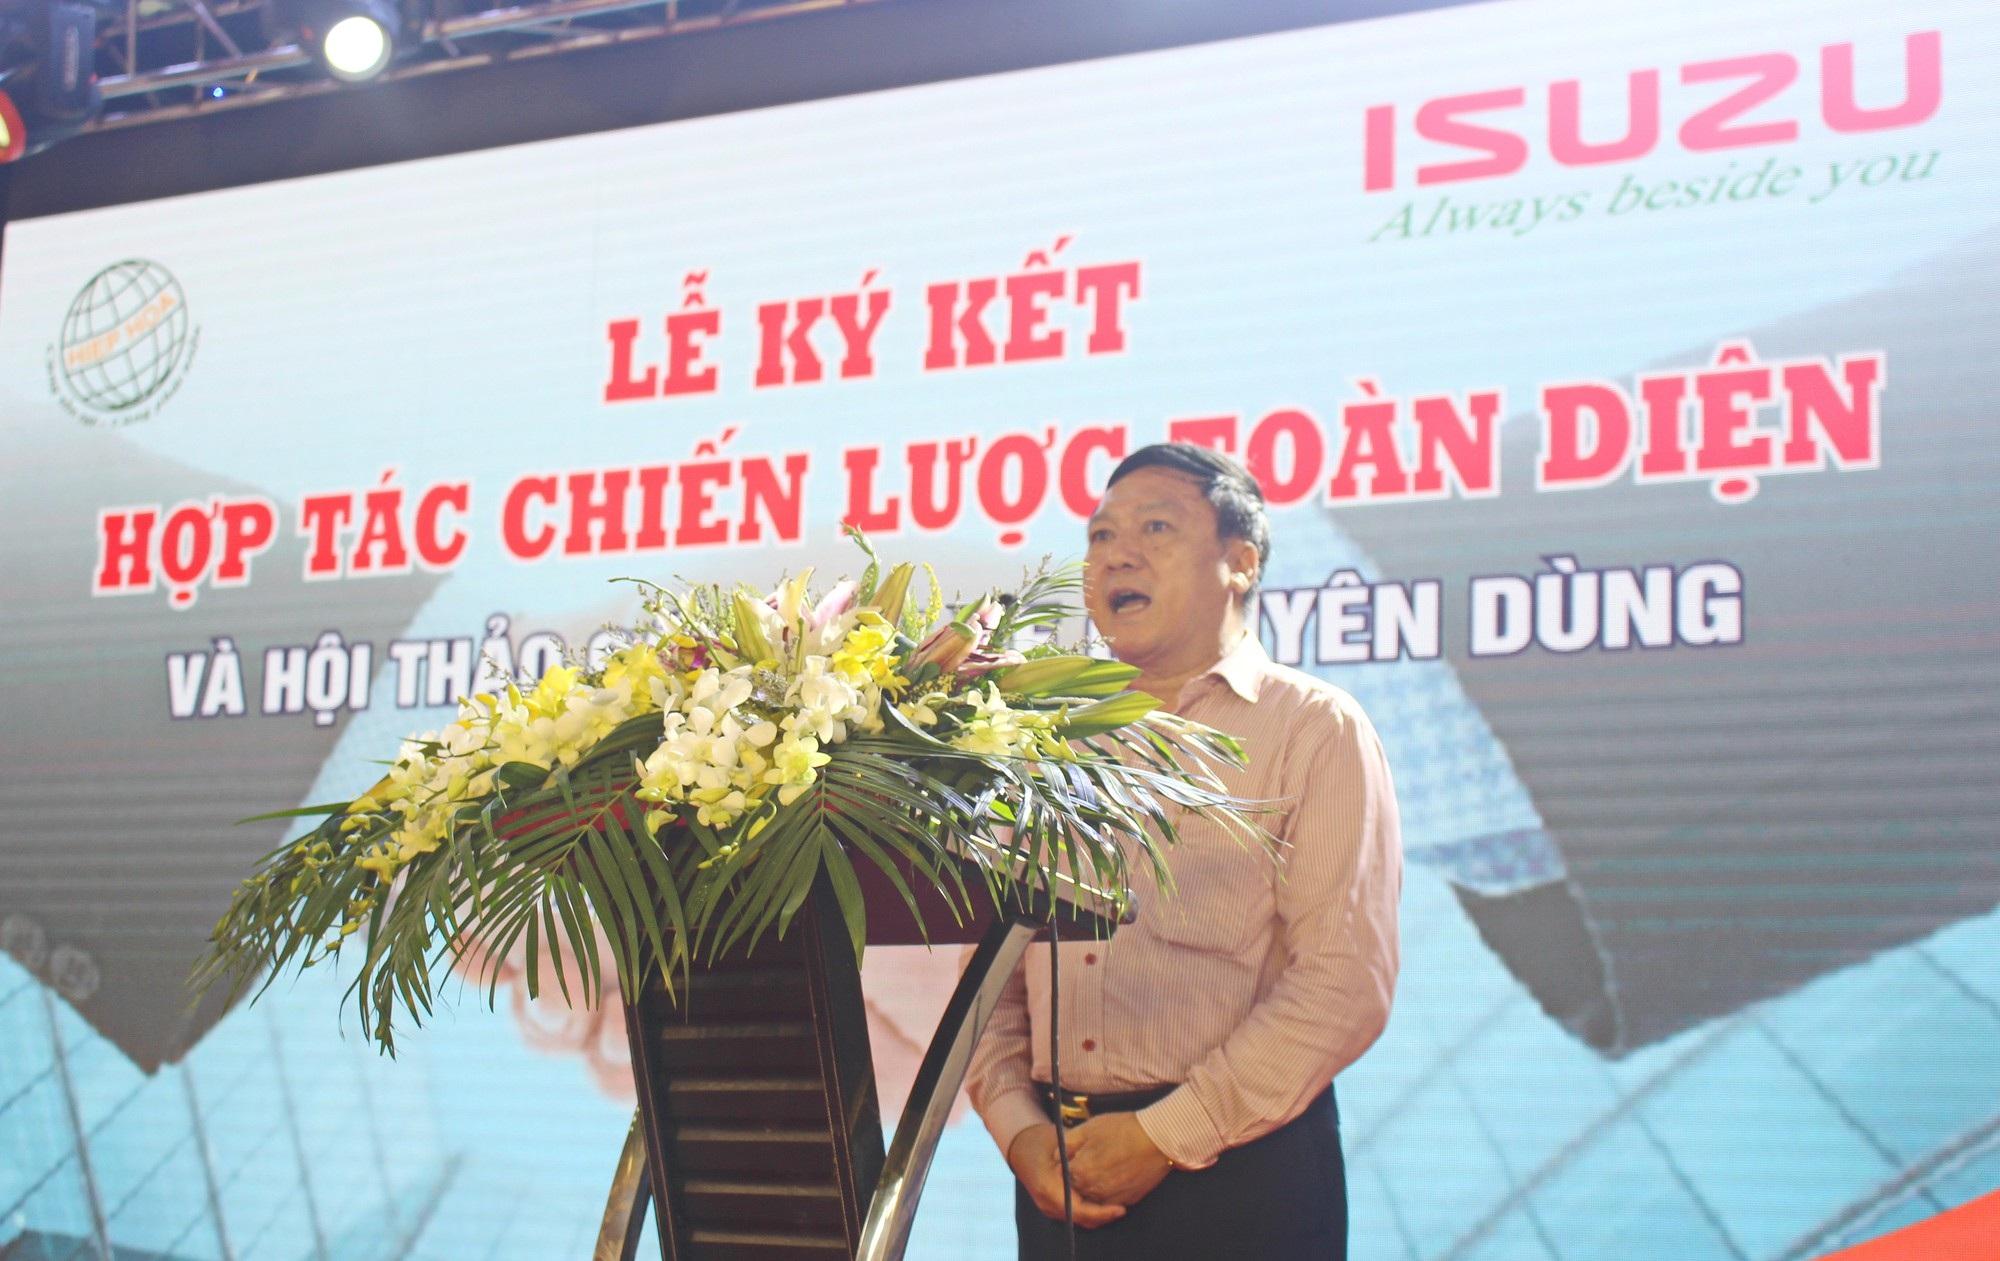 ông Đào Mạnh Hùng, Tổng Giám đốc Công ty TNHH Thương mại & Thiết bị Môi trường Hiệp Hòa khẳng định xe ép rác Việt Nam vượt trội hơn của Hàn Quốc. (Ảnh: Hồng Vân)